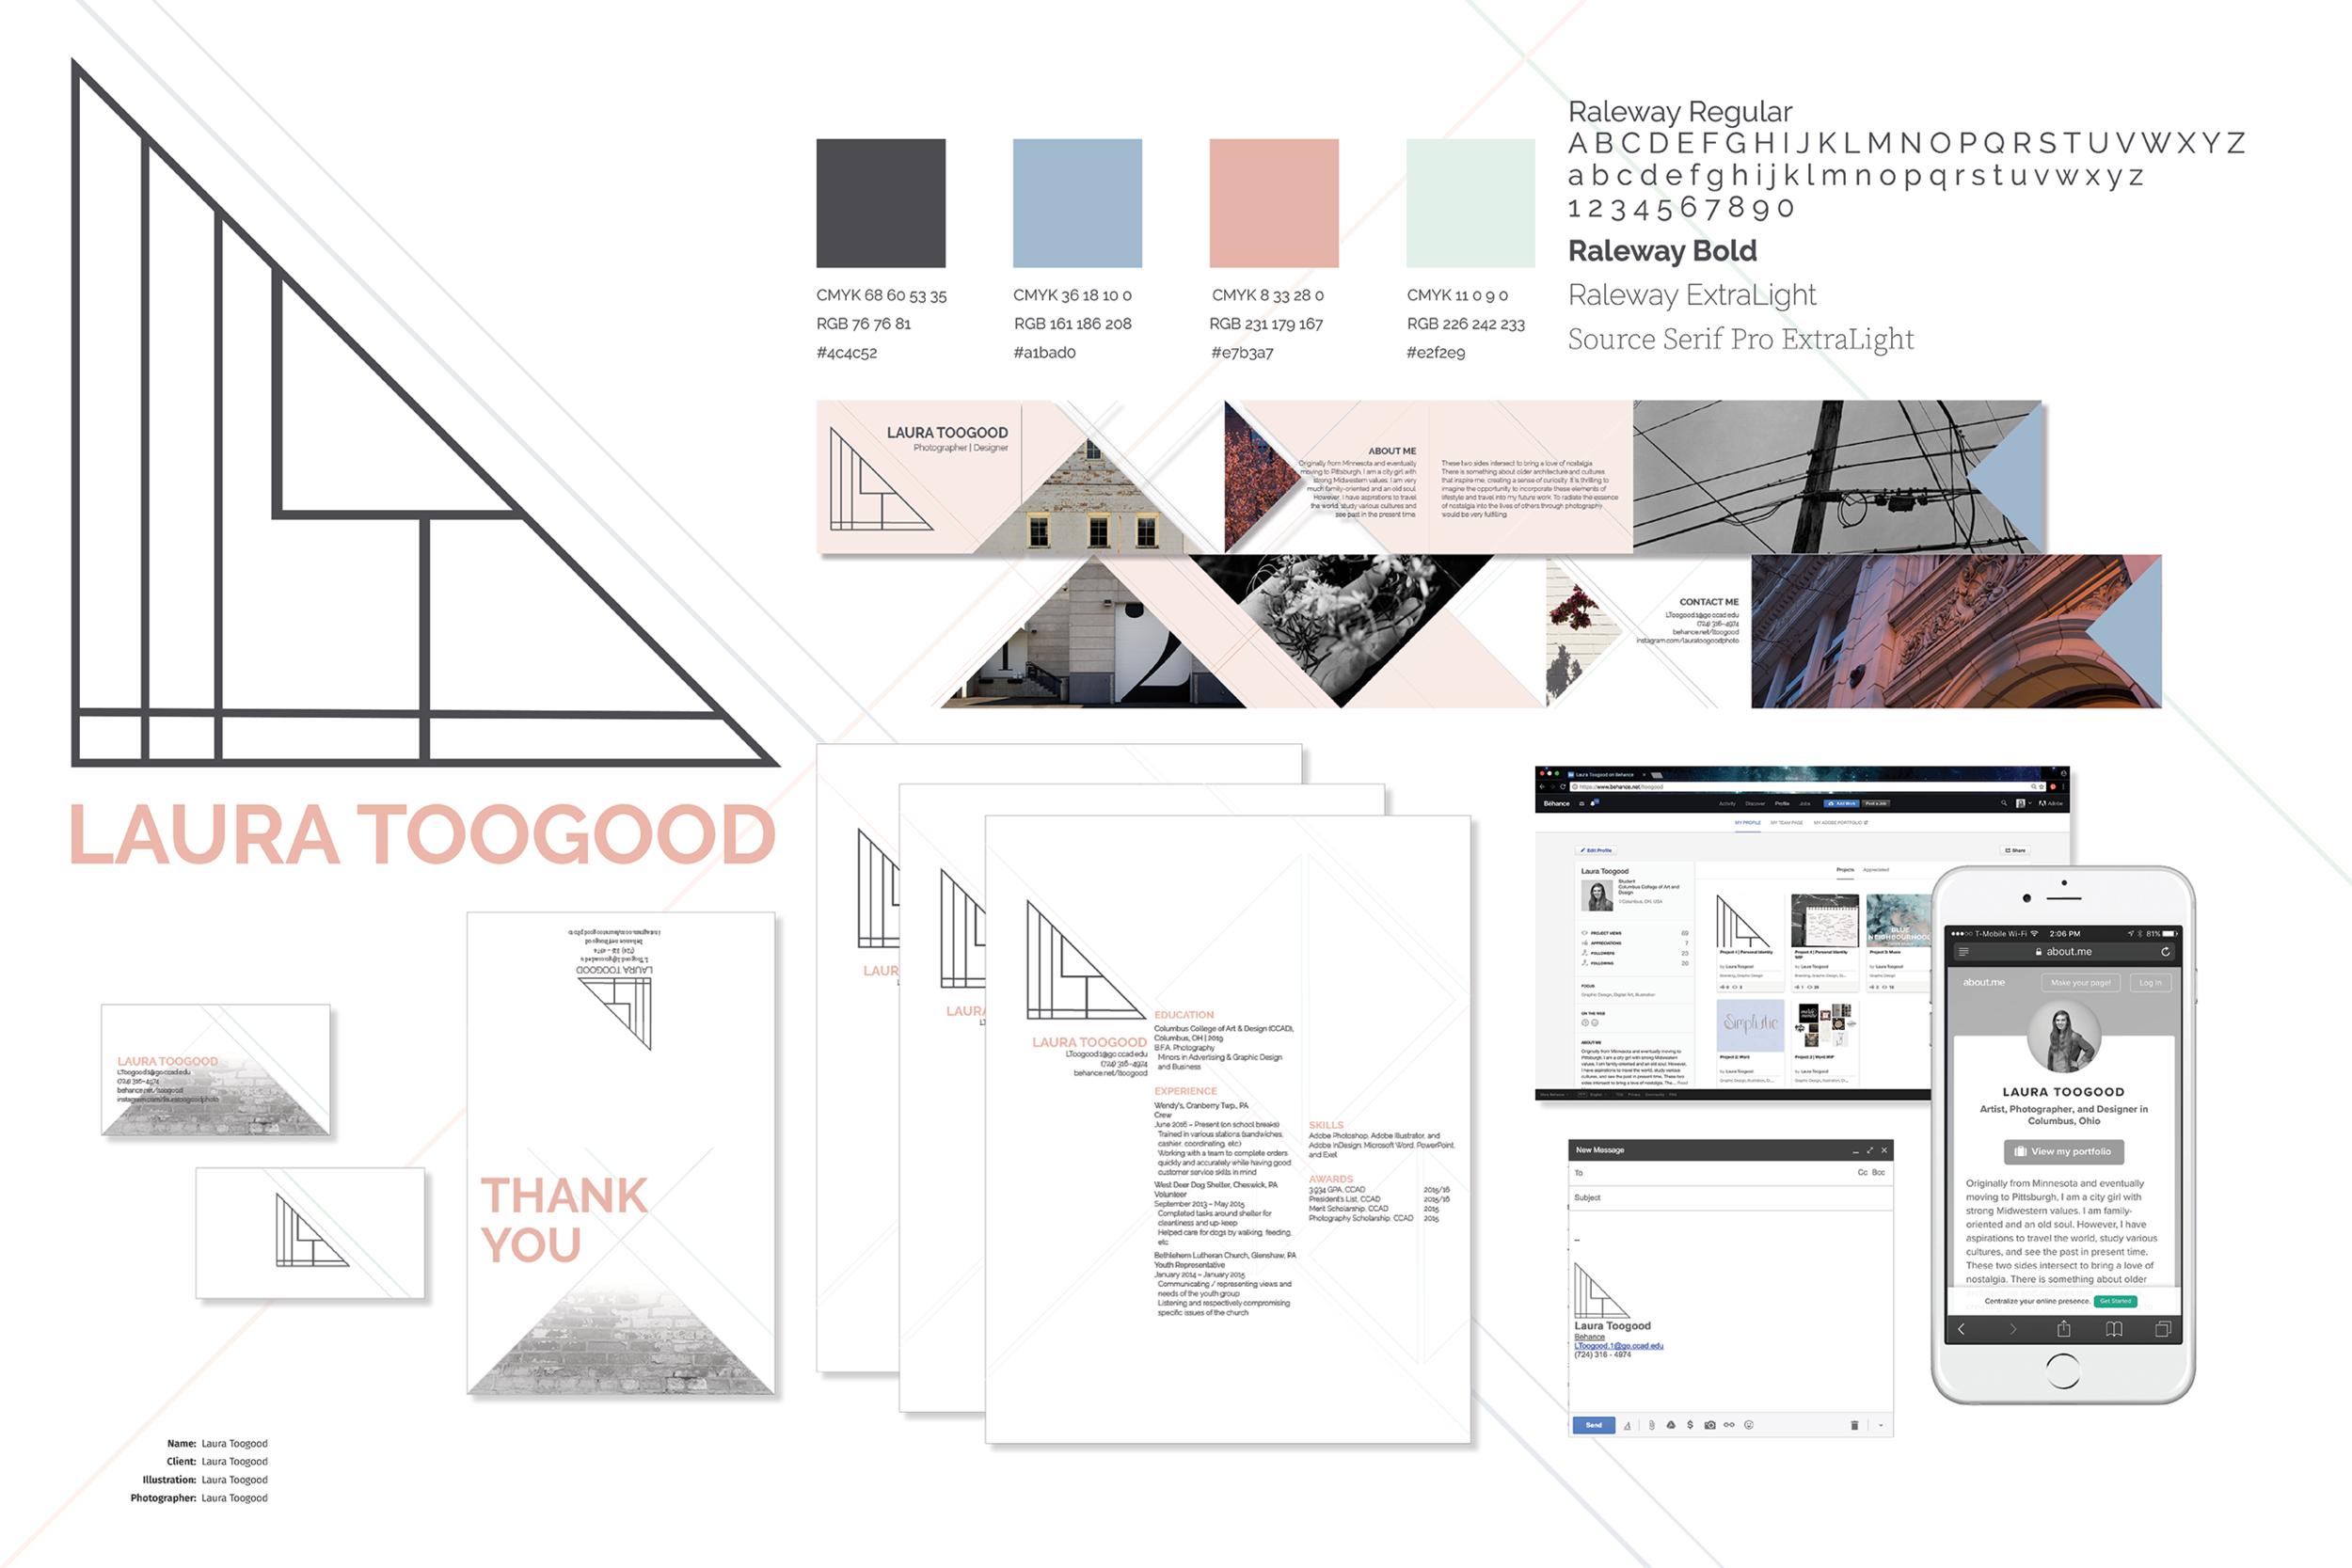 ADVE2291_VGolden_Project4_LToogood_Presentation.png